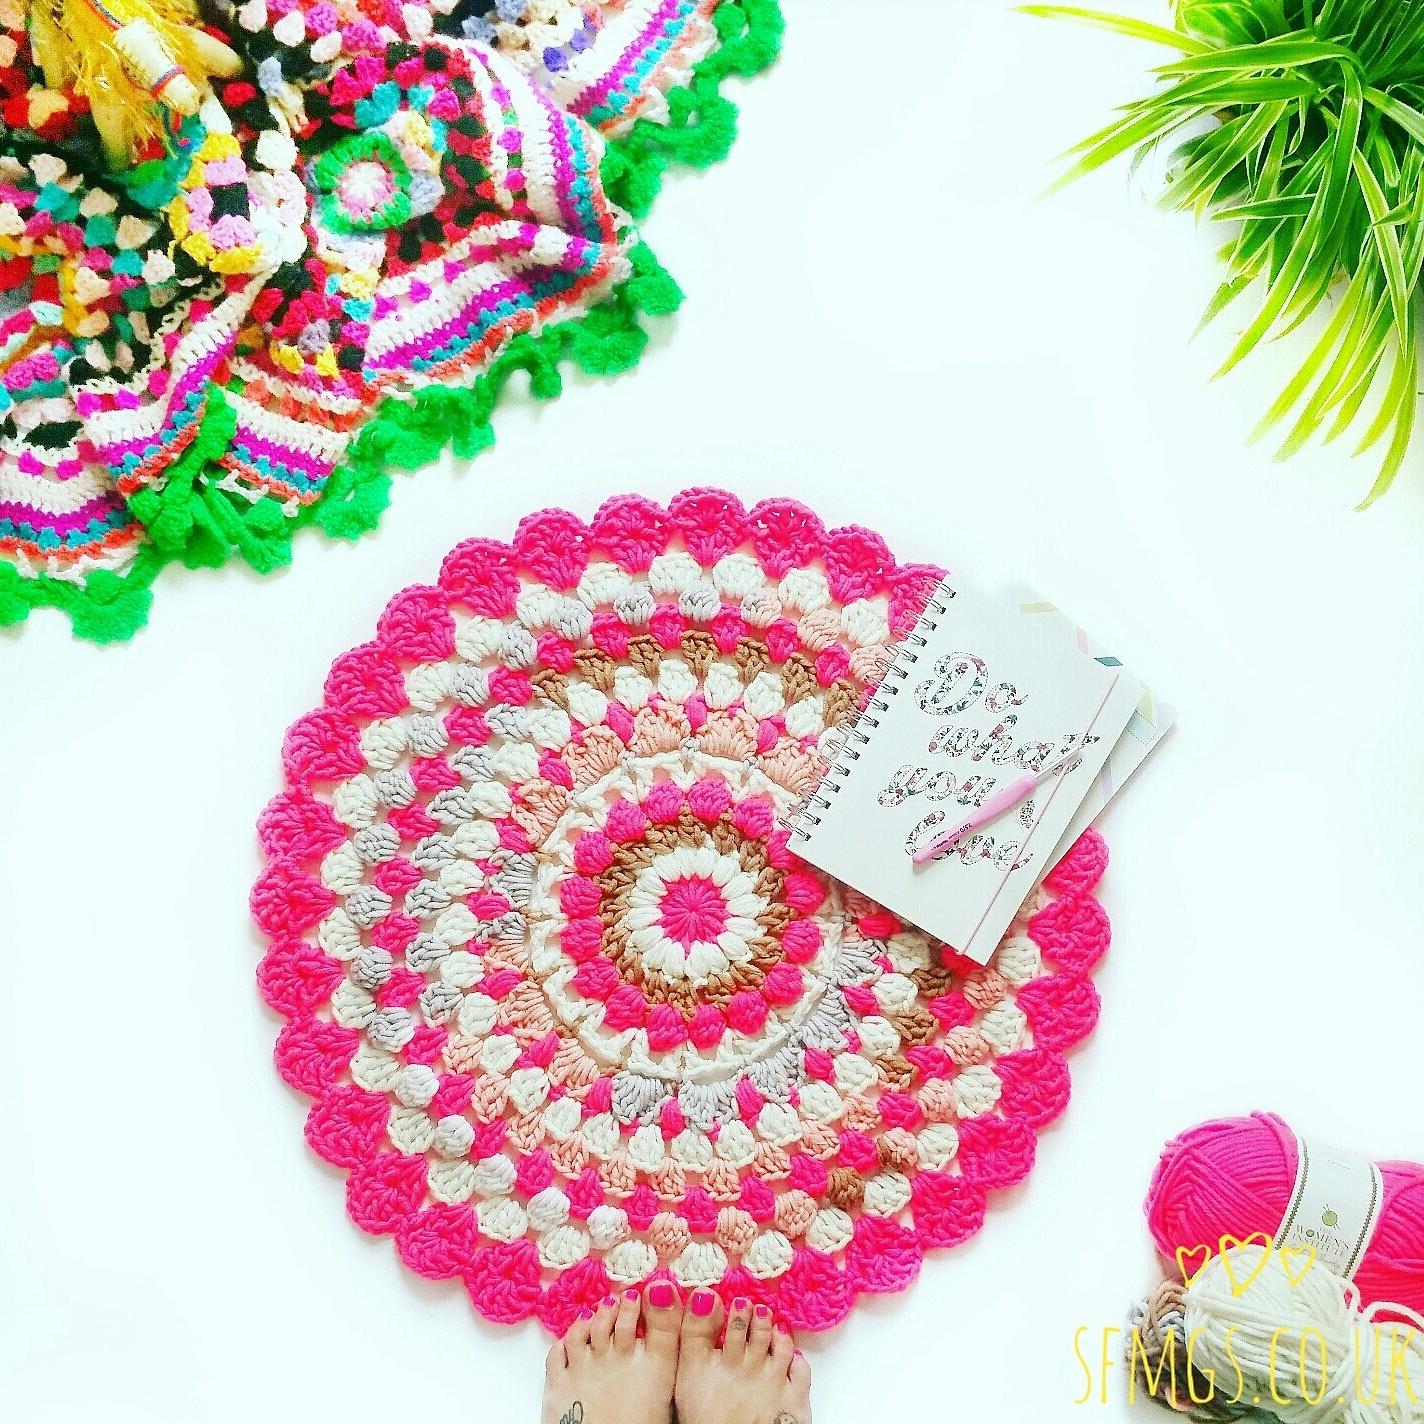 Set Free My Gypsy Soul A Crochet Craft Blog Bigspringyarnshare